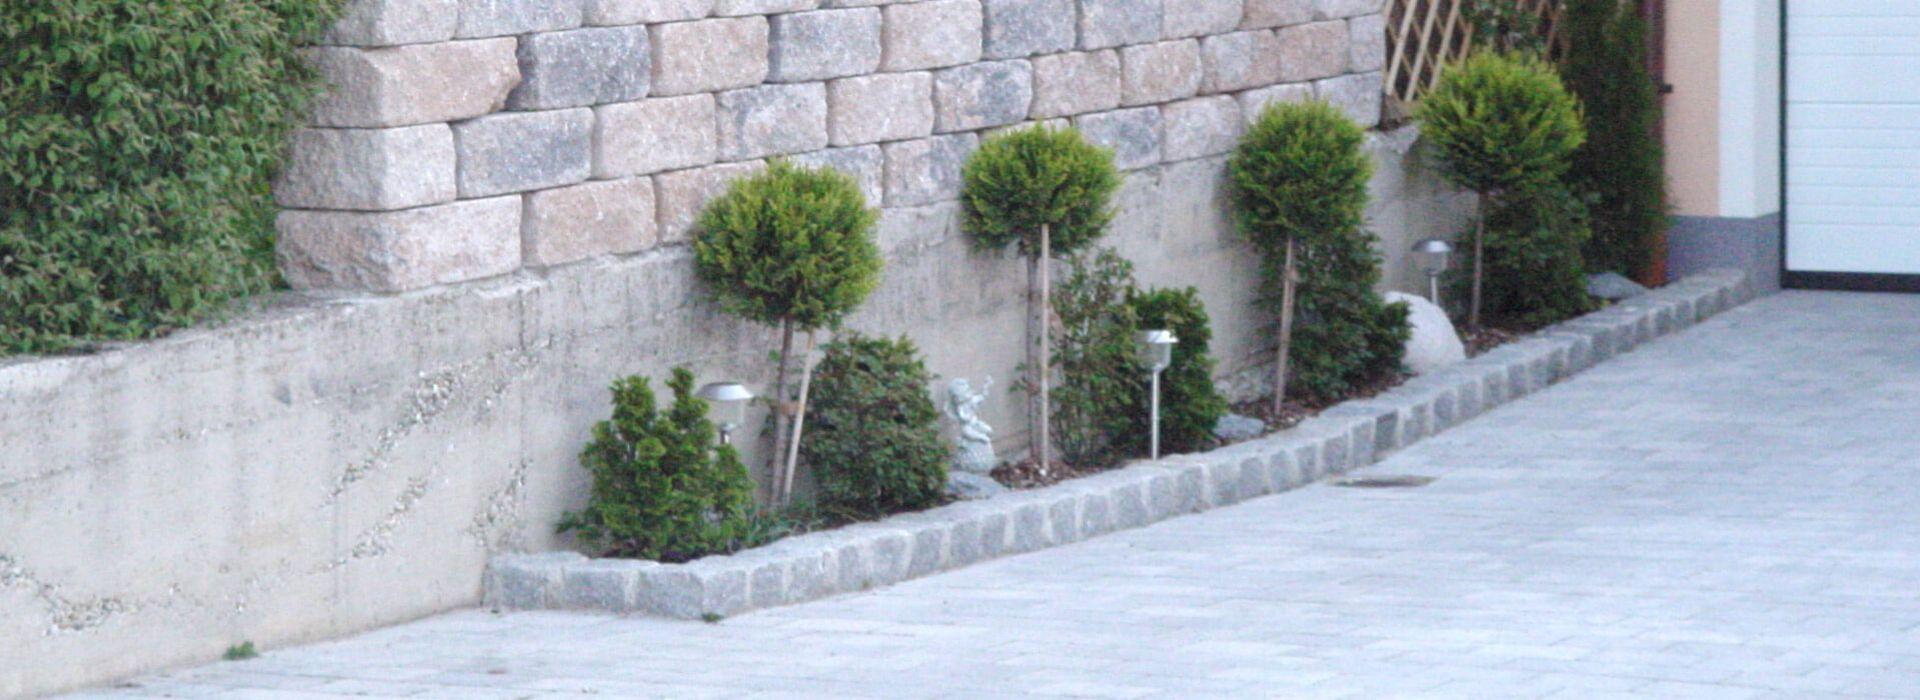 Referenz Mauern und Hangbefestigungen